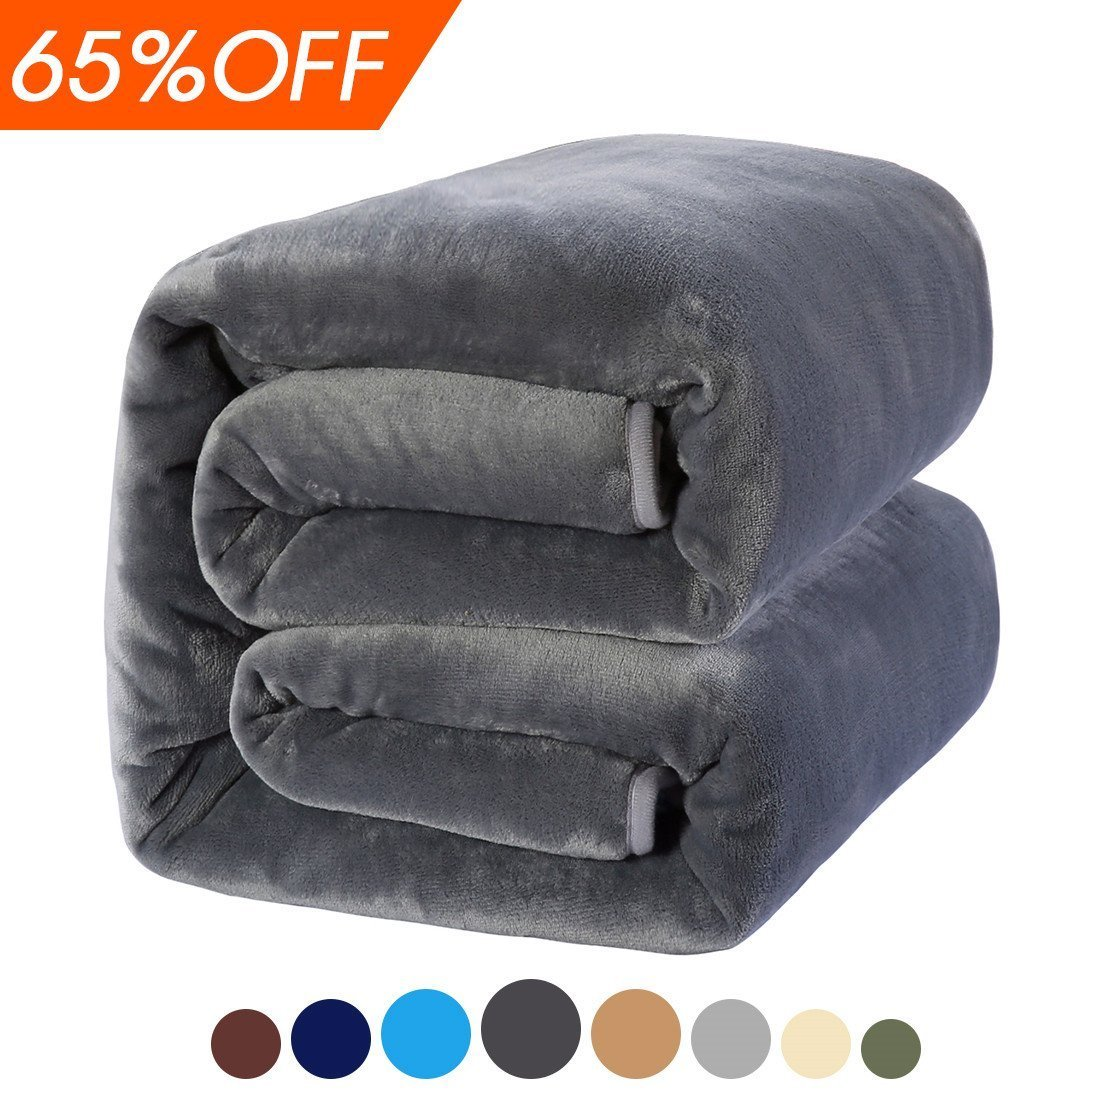 MEROUS Soft King Fleece Bed Blanket, Dark Grey by MEROUS